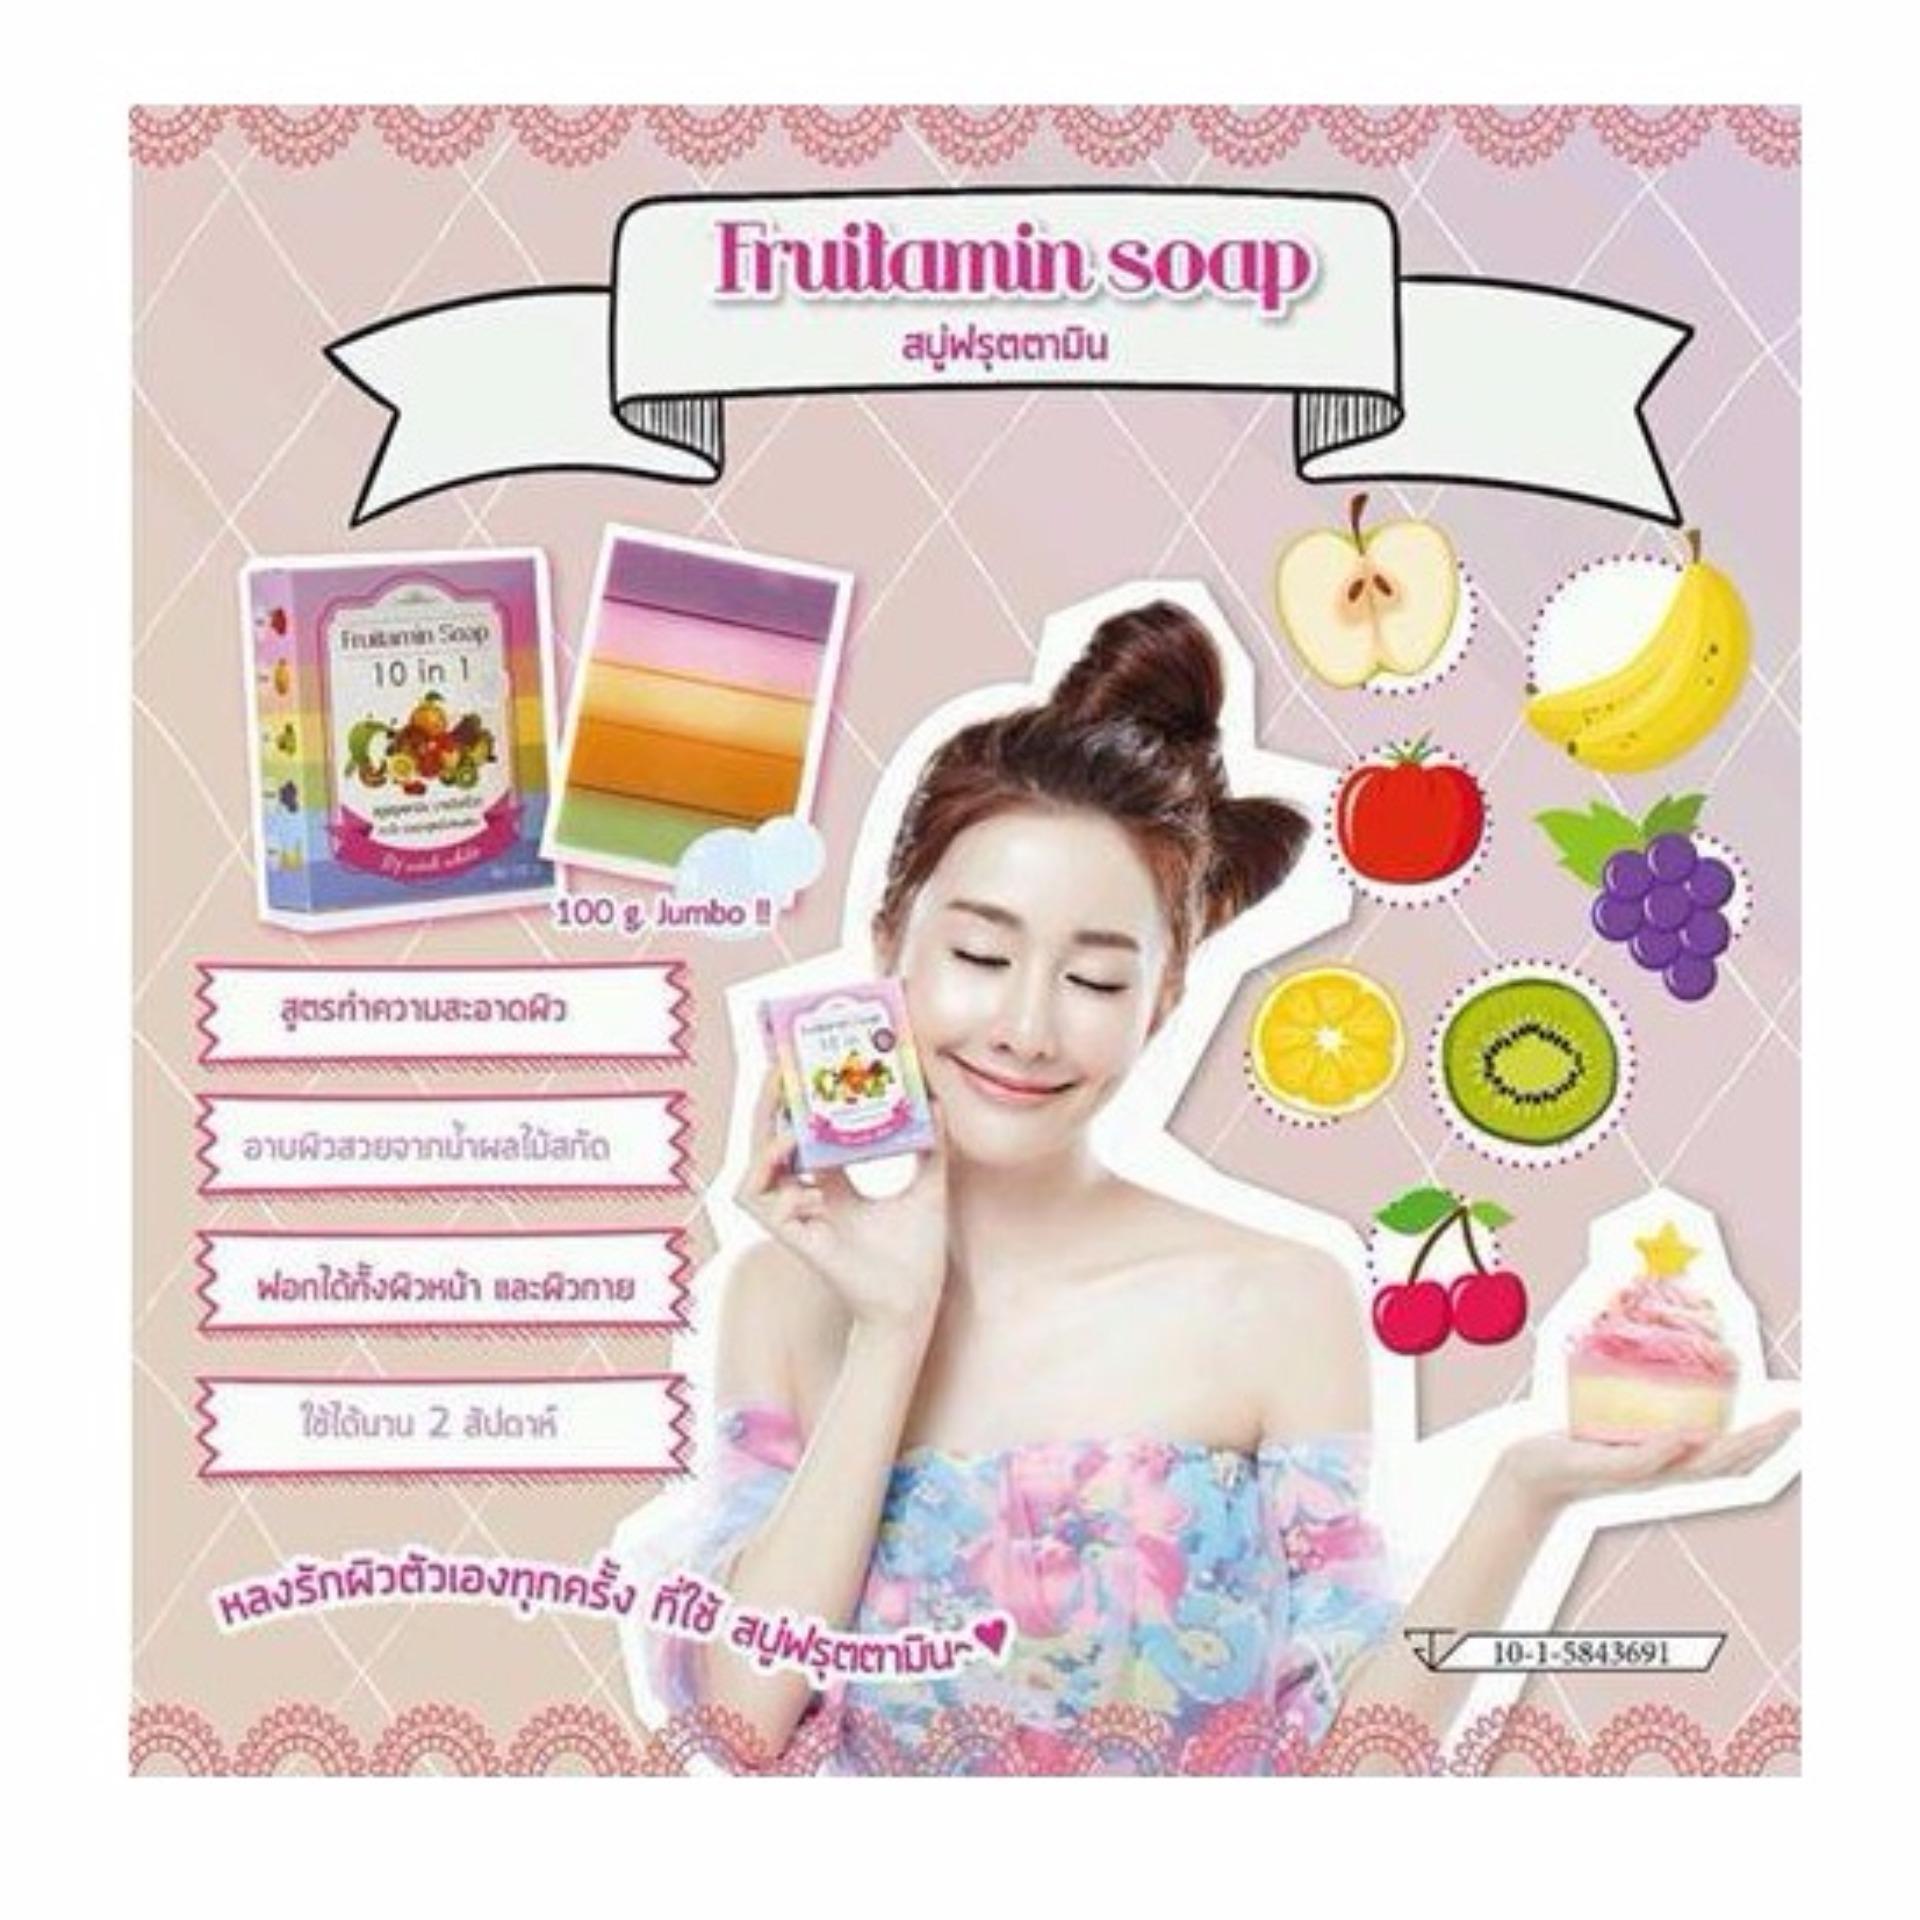 Wink White Fruitamin Soap 10 In 1 100gr Daftar Harga Terlengkap Sabun Buah Pelangi Thailand Original By